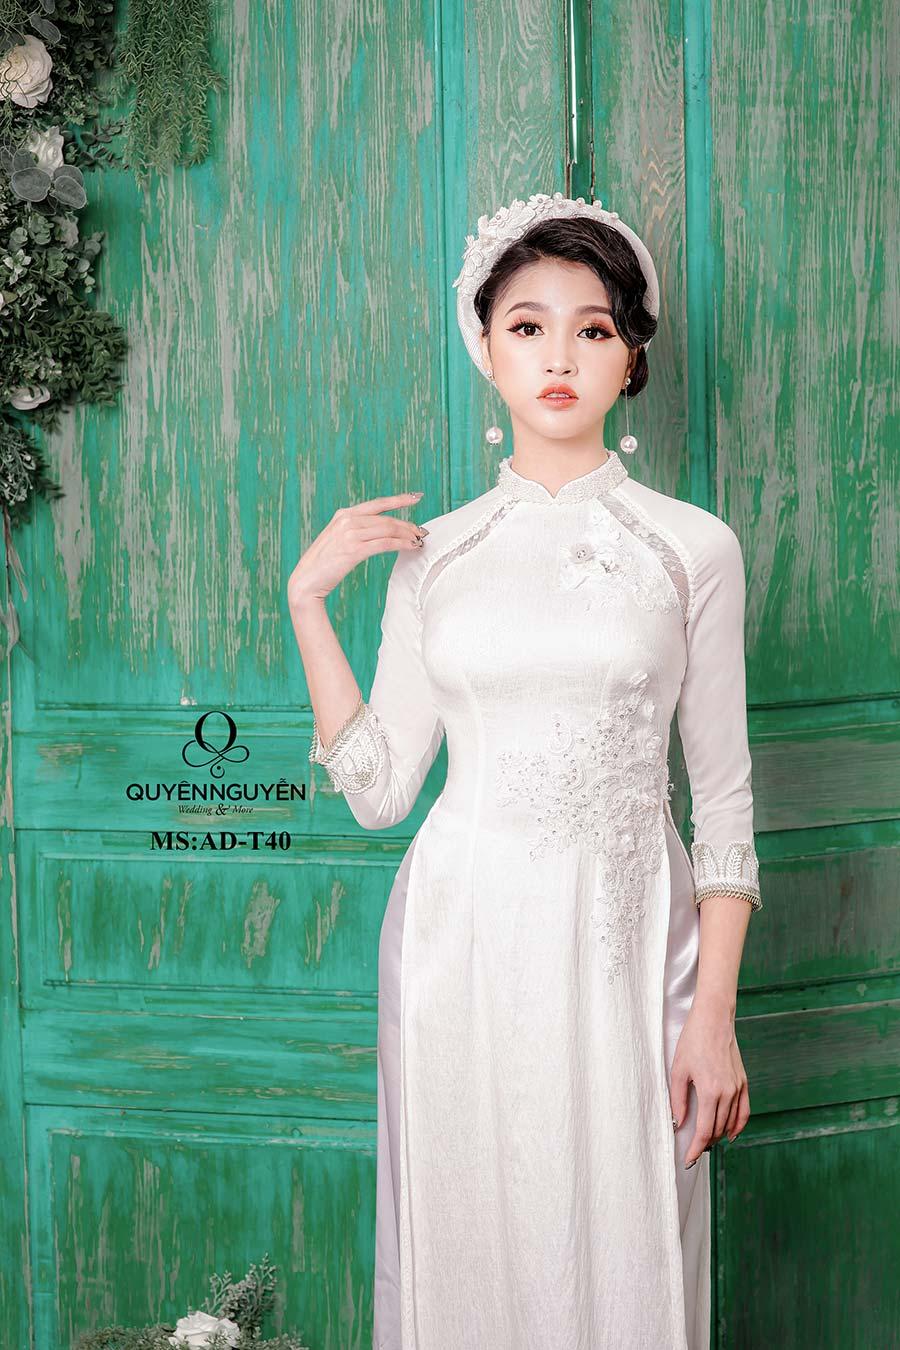 áo dài trắng ADT40.1